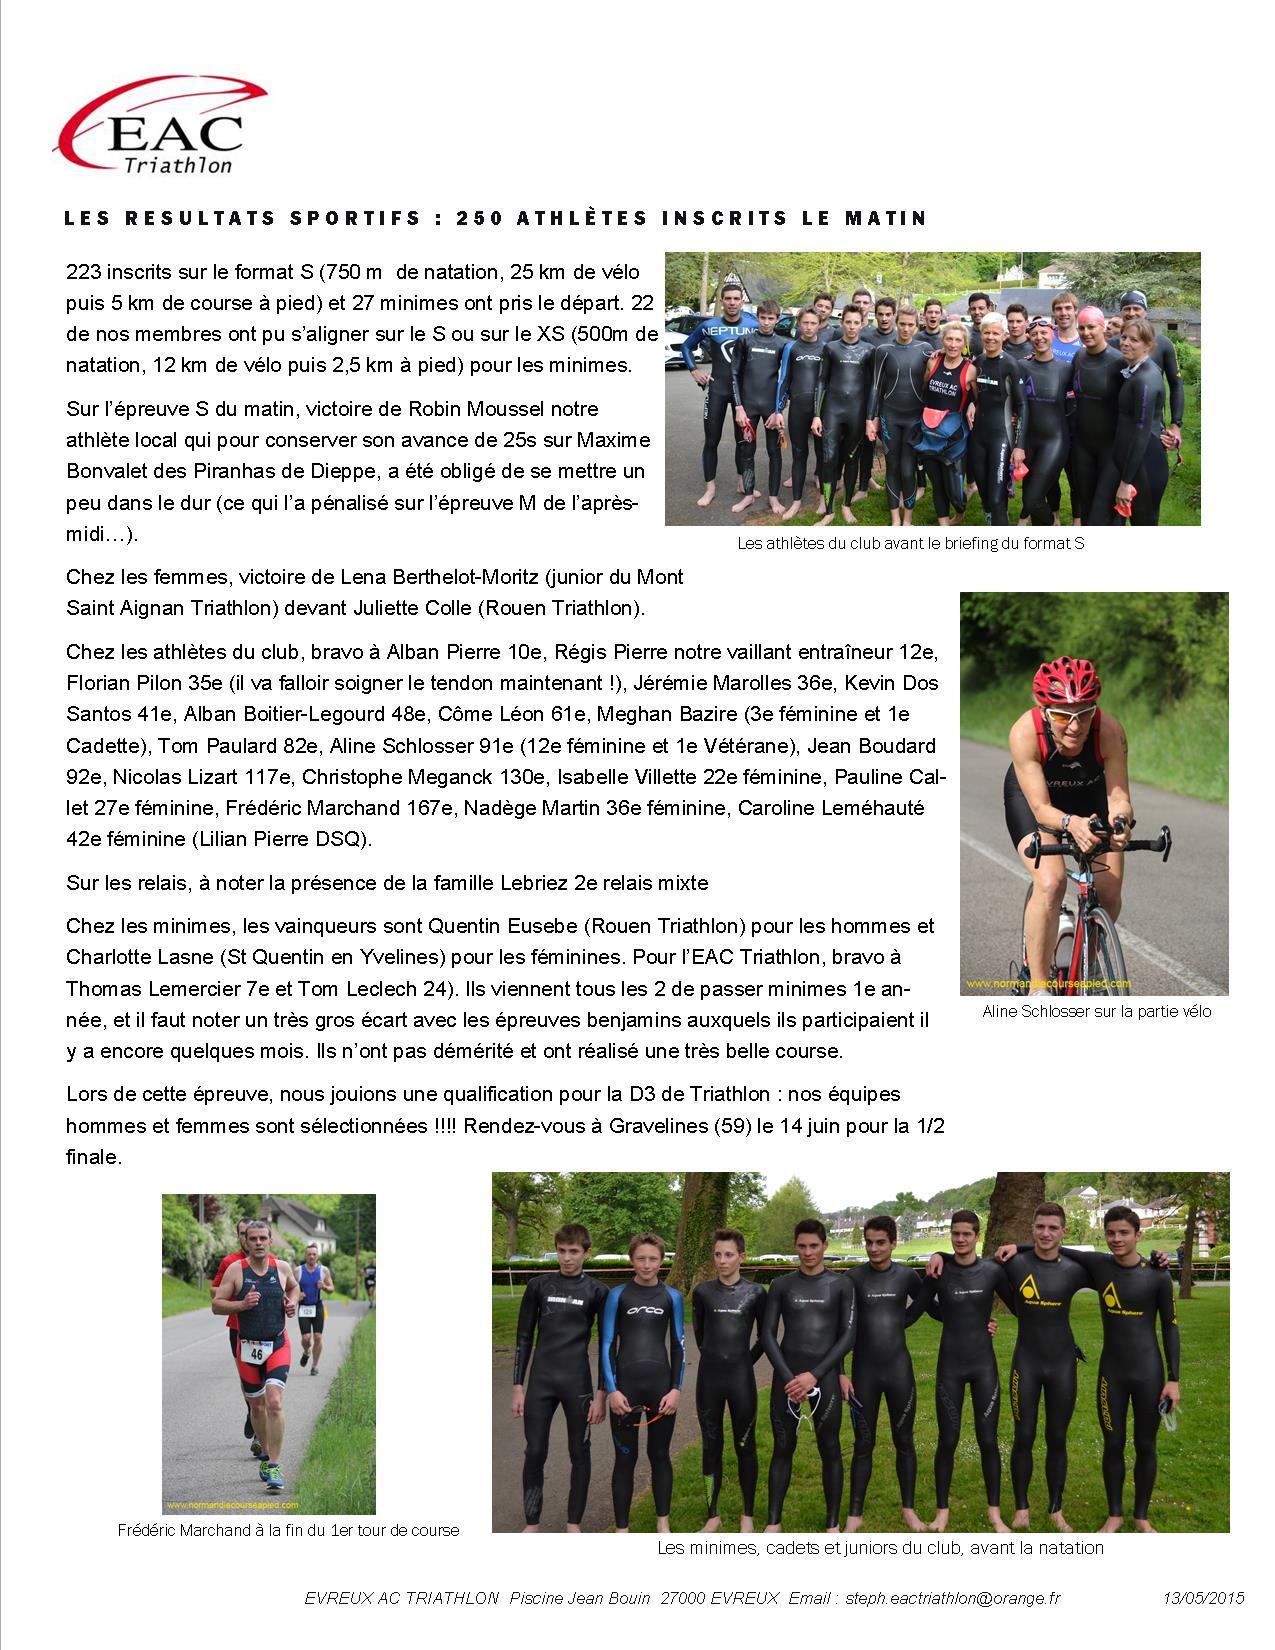 Le Bilan Du 11E Triathlon De La Vallée De L'iton tout Piscine Evreux Jean Bouin